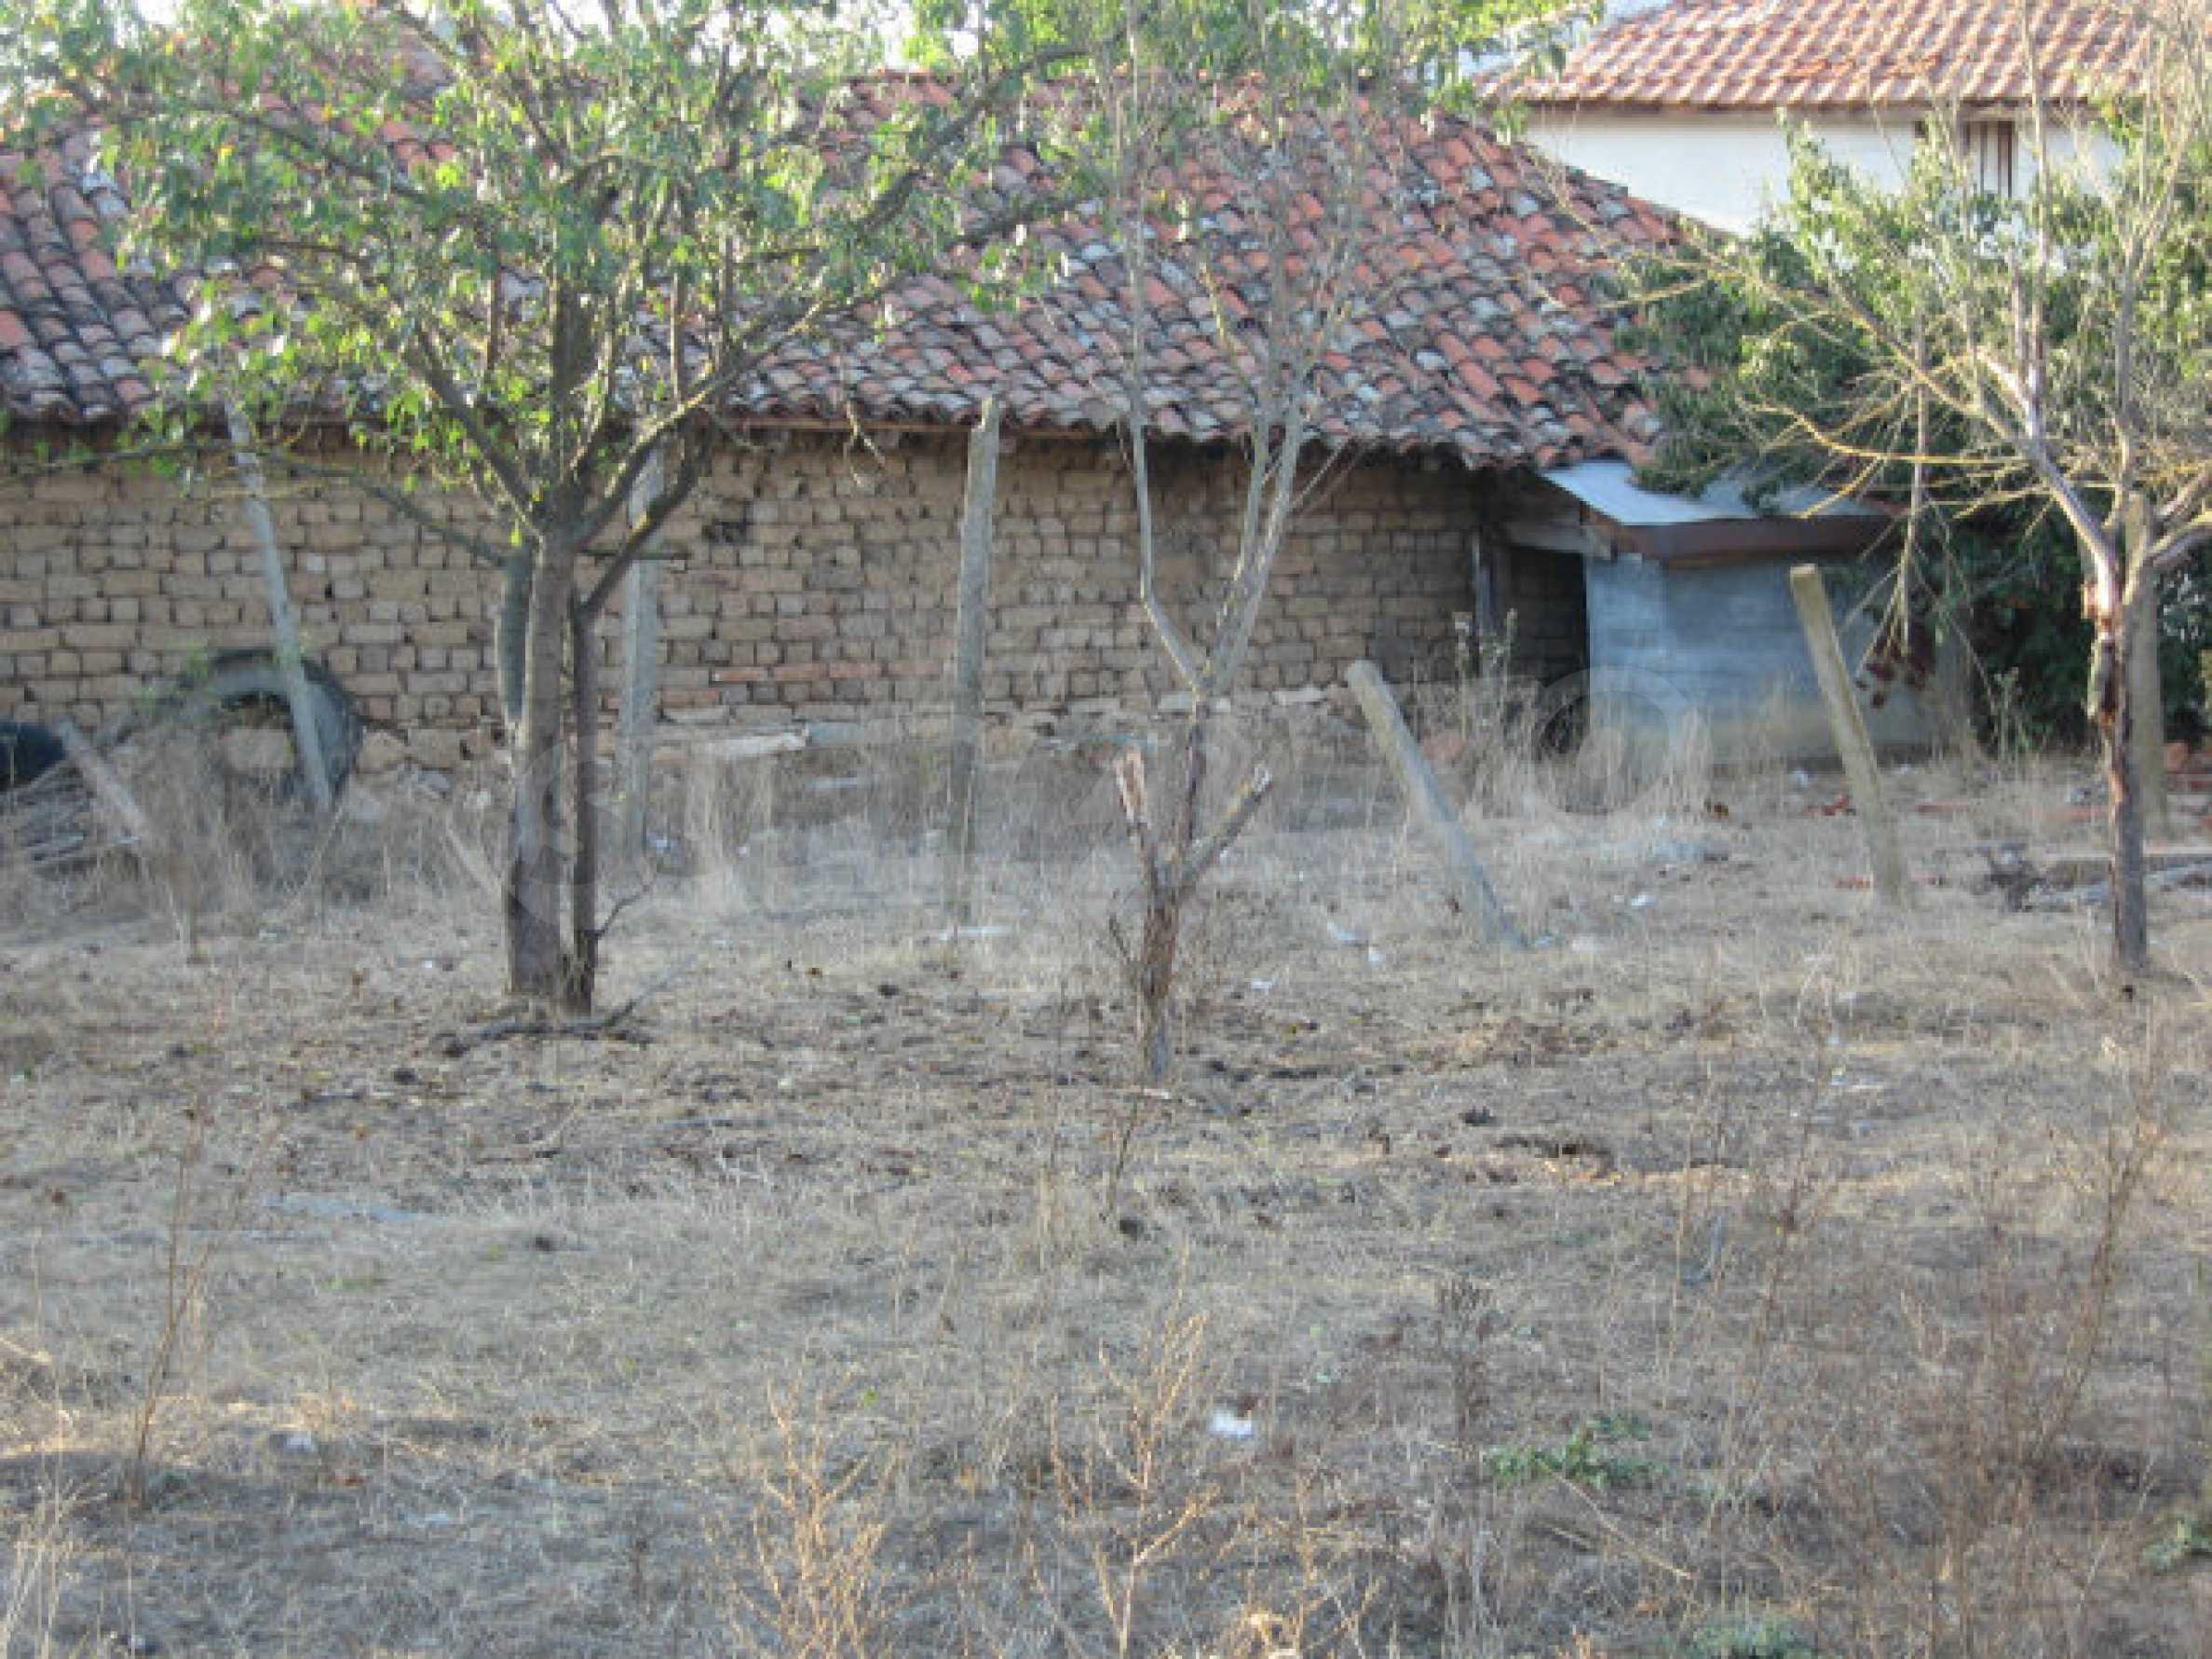 Sonniges zweistöckiges Haus in einem kleinen Dorf in der Nähe der Flüsse Tundzha und Elhovo 32